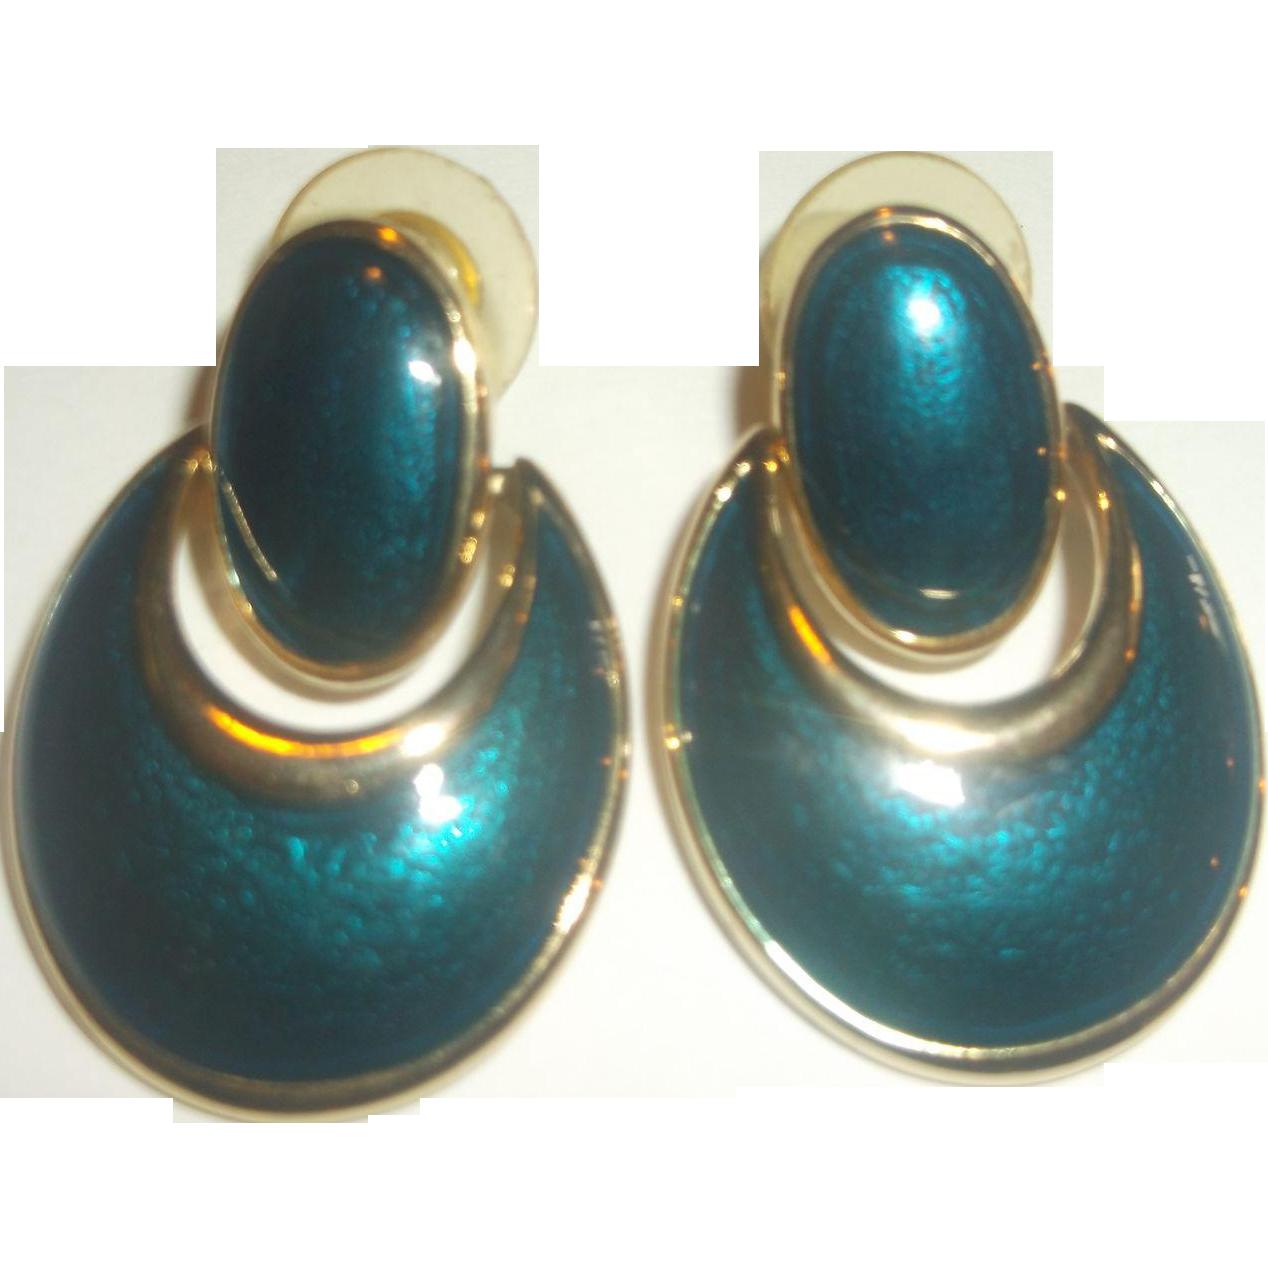 Deep Blue Green Enamel Doorknocker Oval Drop Earrings Gold Tone Post Backs